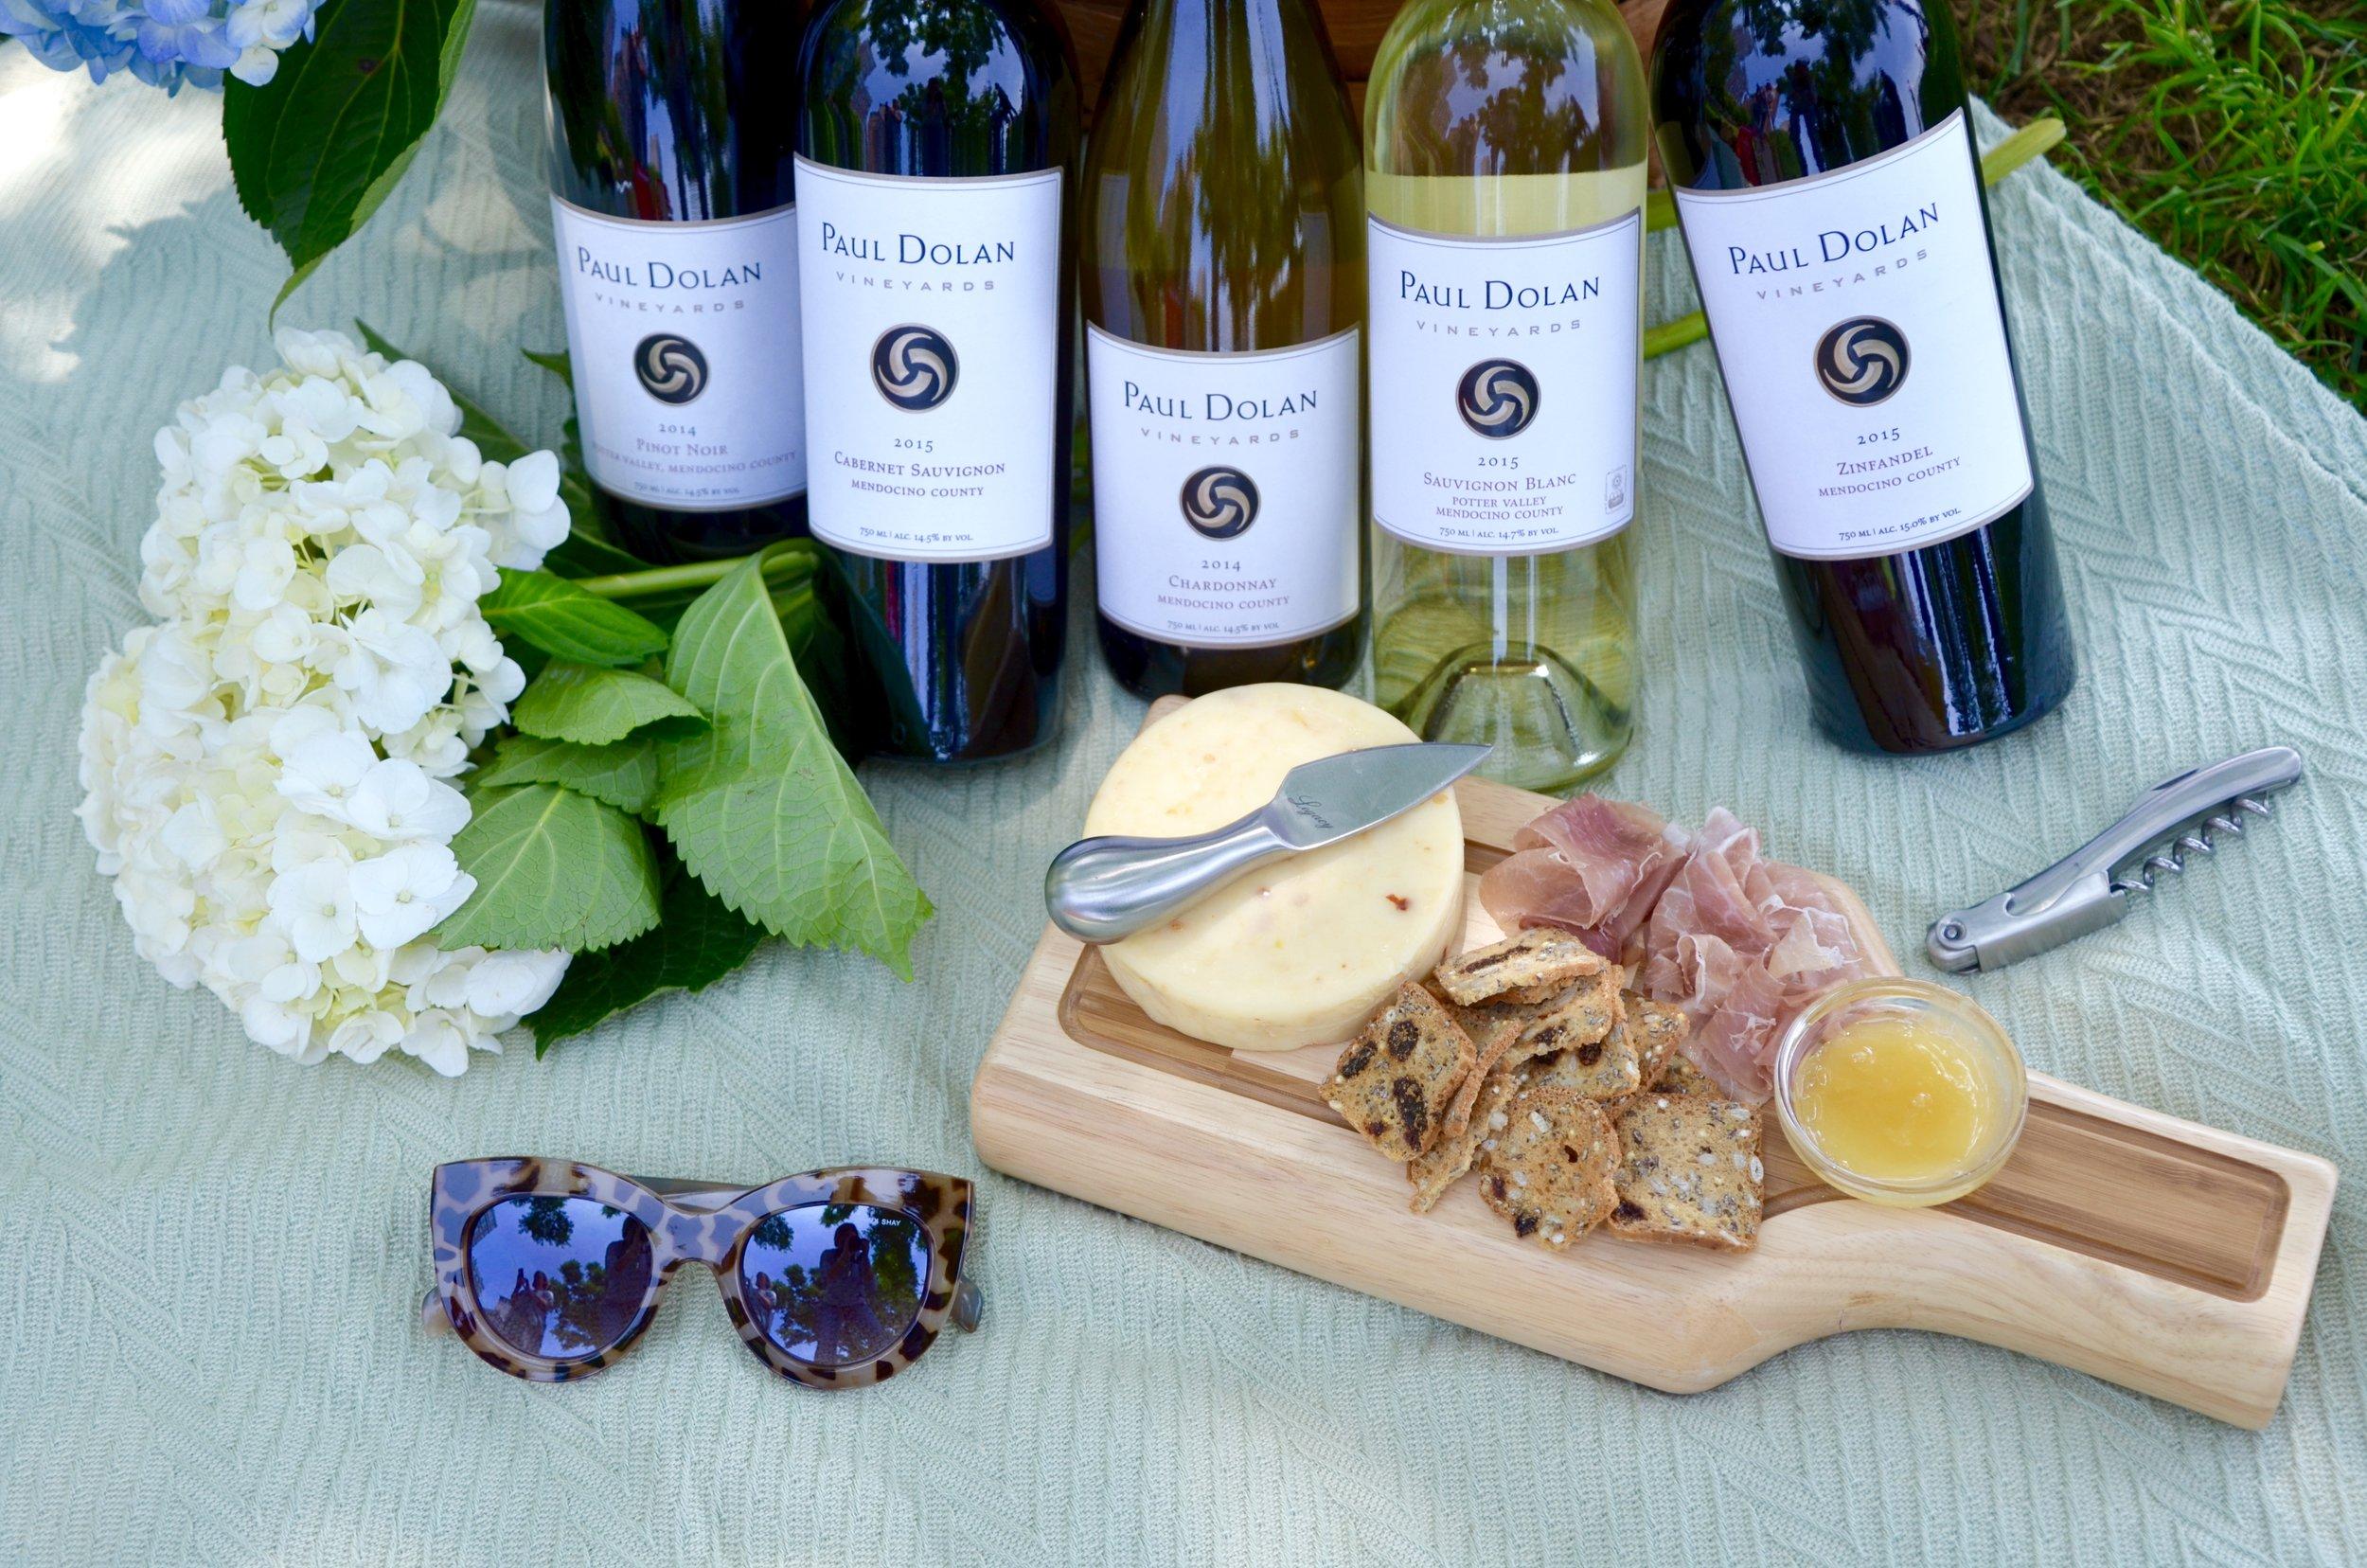 paul dolan wines